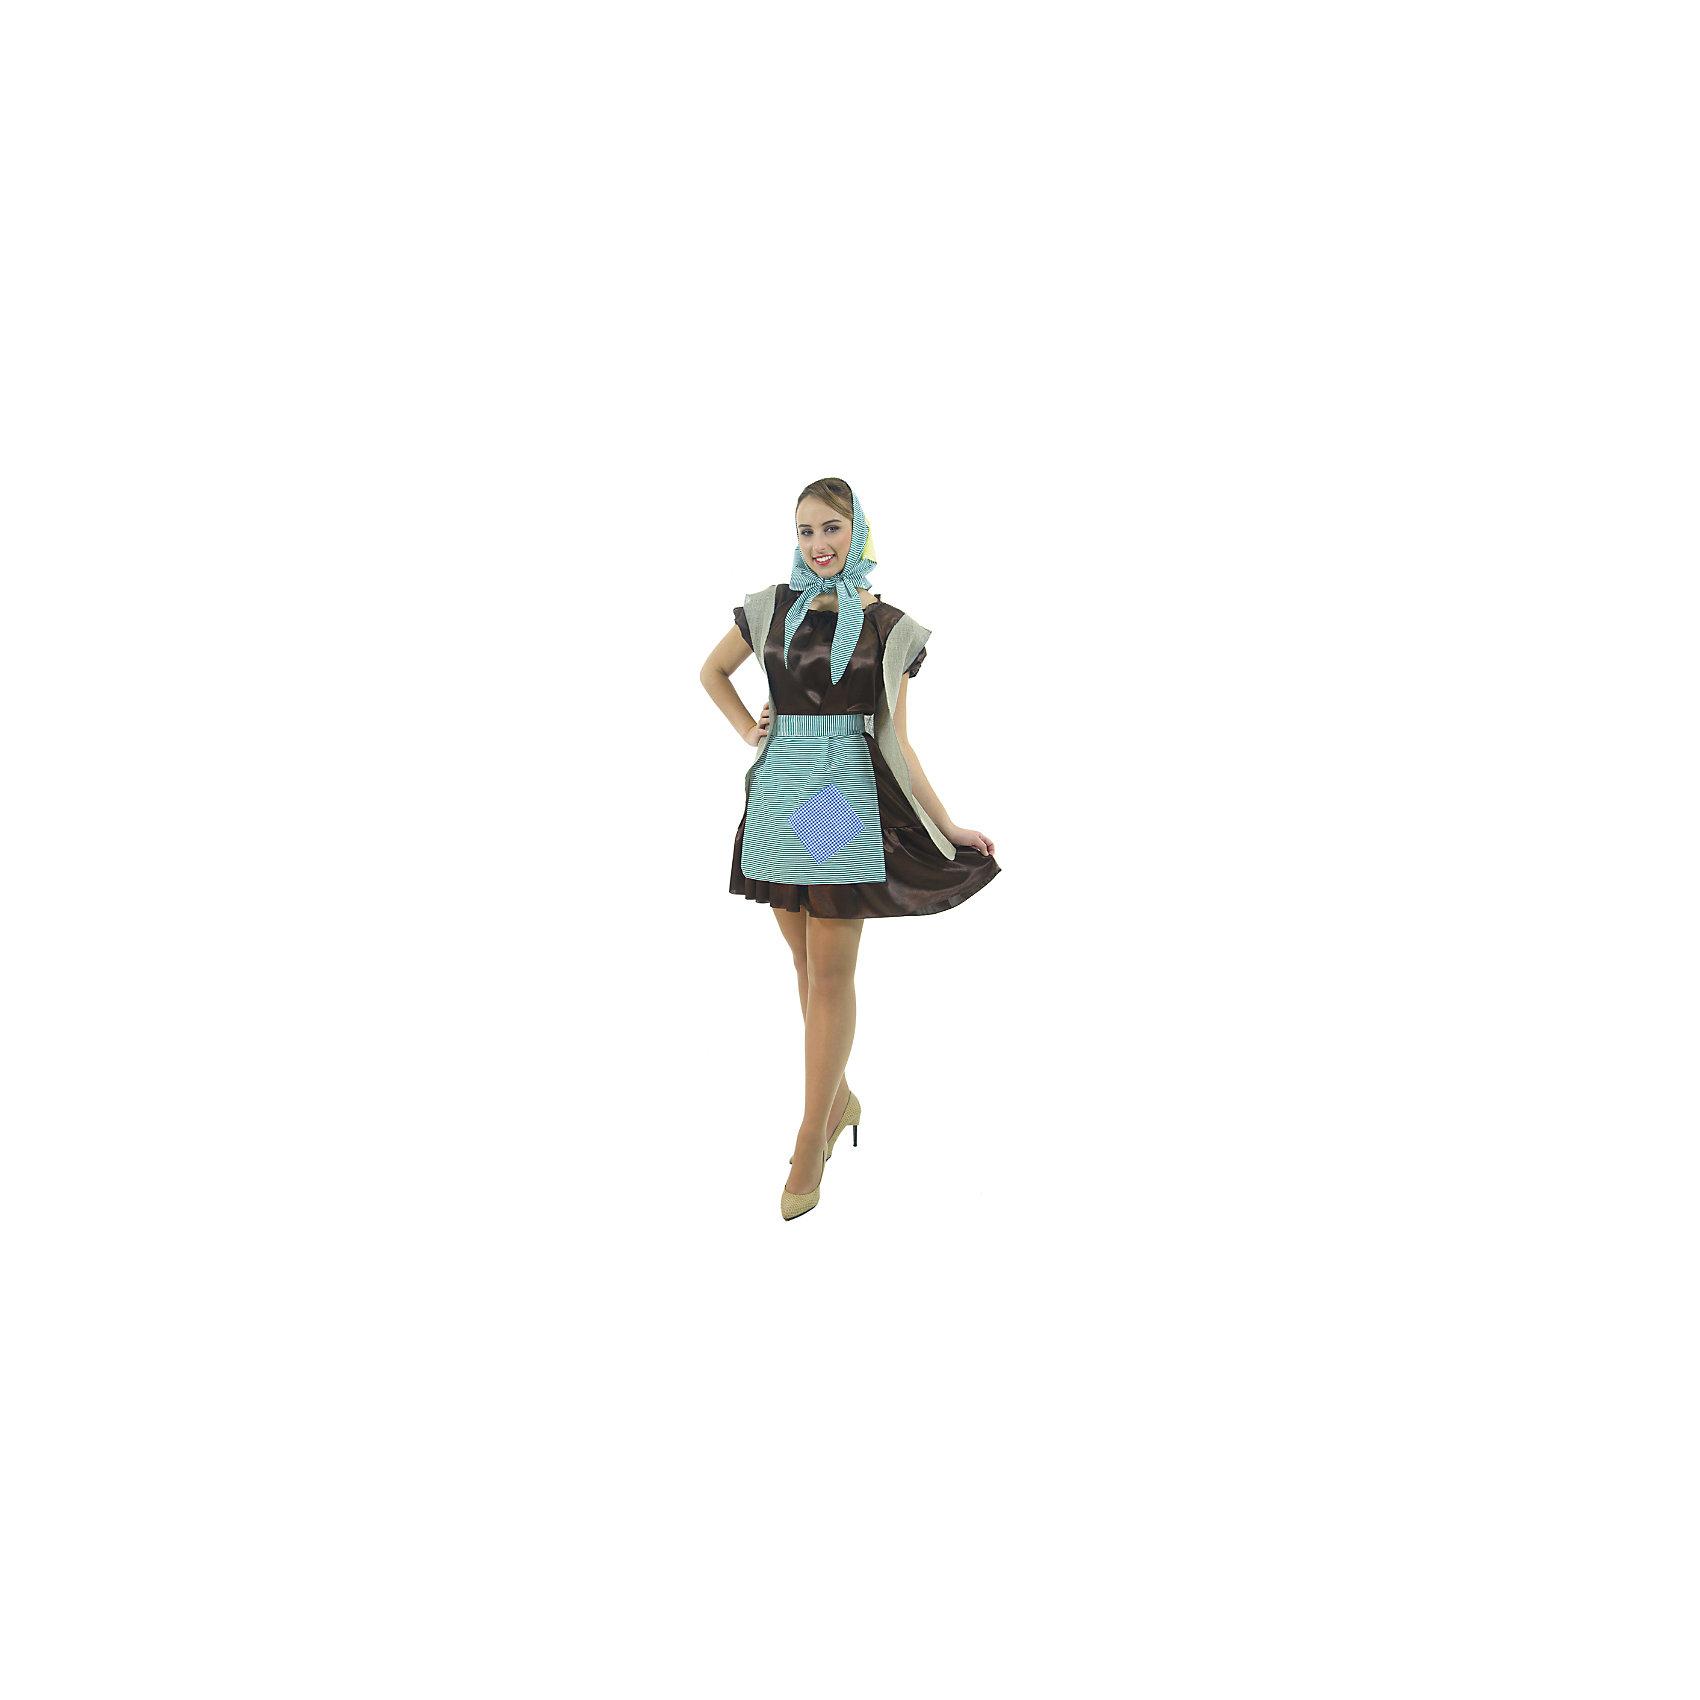 Карнавальный костюм Баба Яга, ВестификаДля девочек<br>Карнавальный костюм Баба-Яга создан для модных. В основу костюма легло коричневое платье из крепсатина. Поверх платья надевается удлиненная жилетка с имитацией заплаток, фартук. Дополняет костюм косынка в цвет фартука, которая может надеваться и как бандана.<br><br>Комплектация:<br>Платье <br>Фартук <br>Жилет <br>Бандана<br><br>Ткани:<br>Крепсатин (100% полиэстер)<br>Тиси (80% полиэстер, 20% хлопок)<br><br>Ширина мм: 450<br>Глубина мм: 80<br>Высота мм: 350<br>Вес г: 342<br>Цвет: разноцветный<br>Возраст от месяцев: 144<br>Возраст до месяцев: 192<br>Пол: Женский<br>Возраст: Детский<br>Размер: 164/170<br>SKU: 5115707